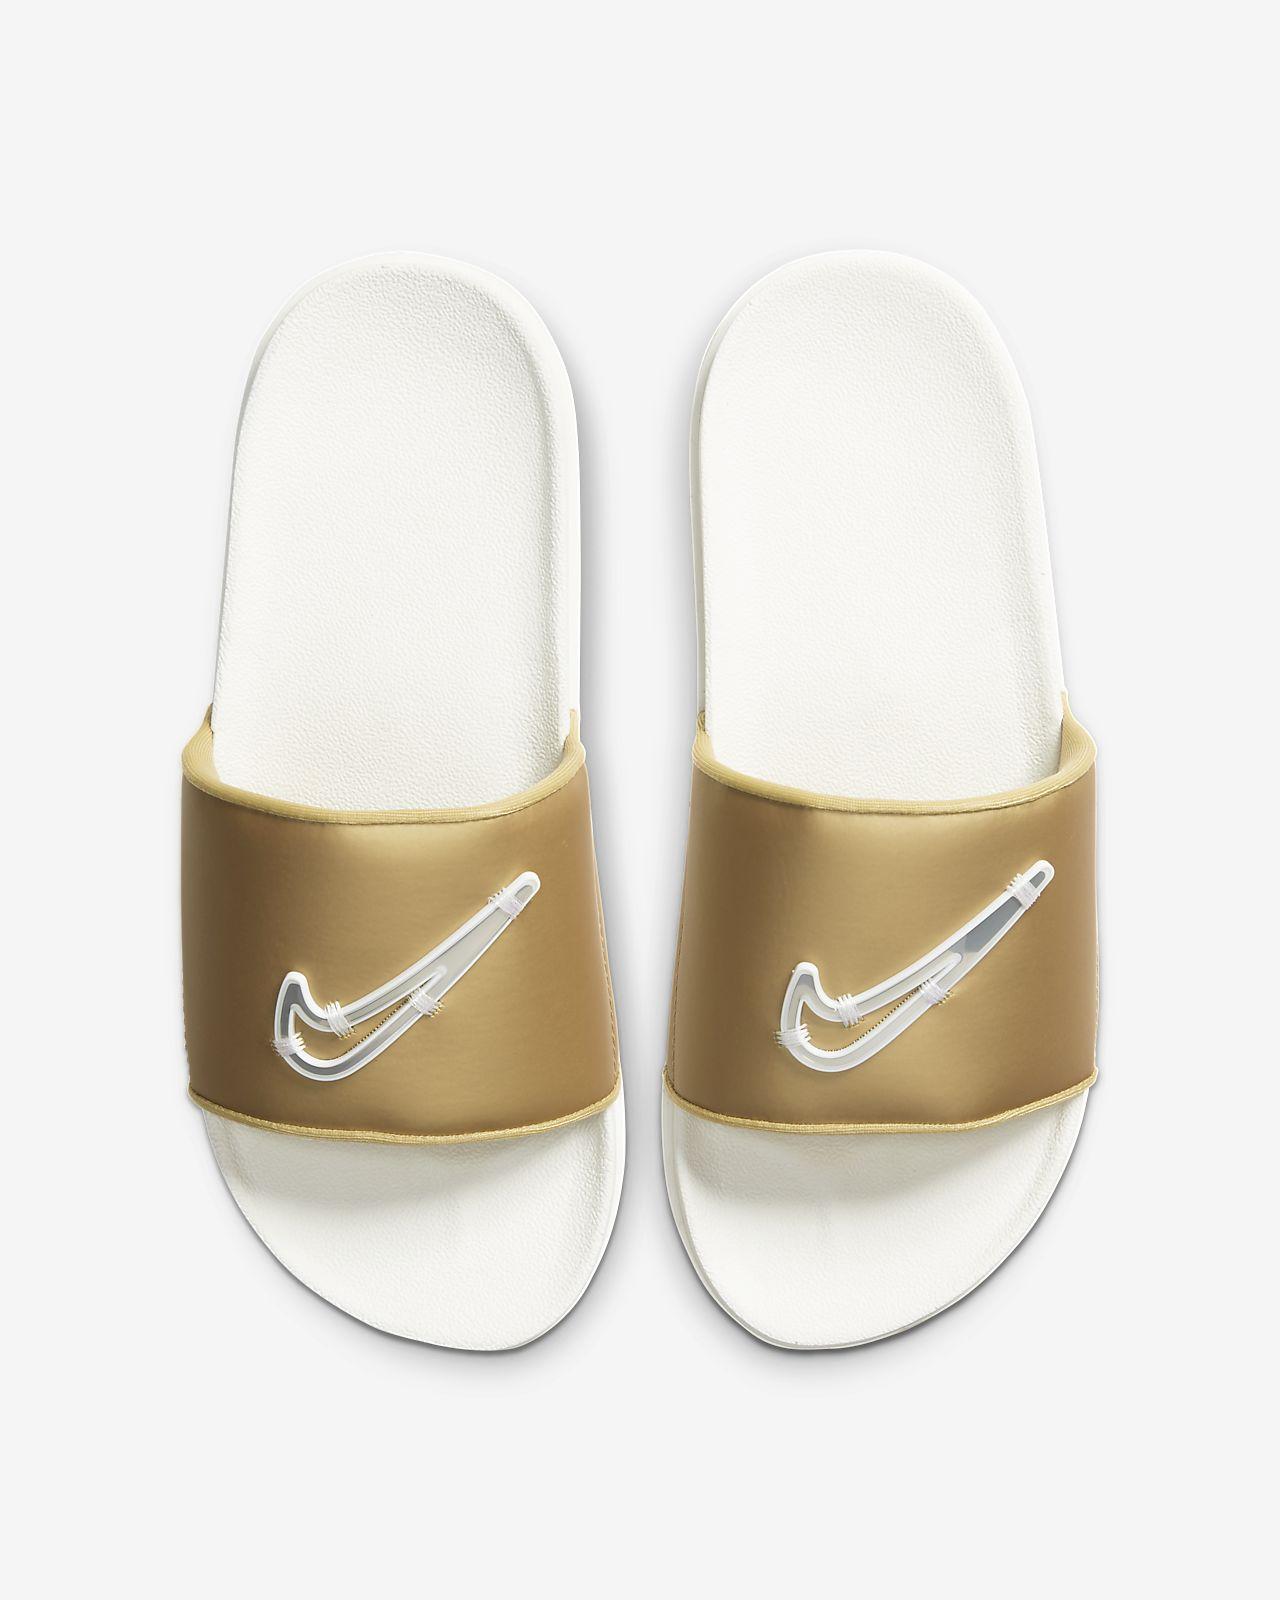 Nike Offcourt SE Women's Slide